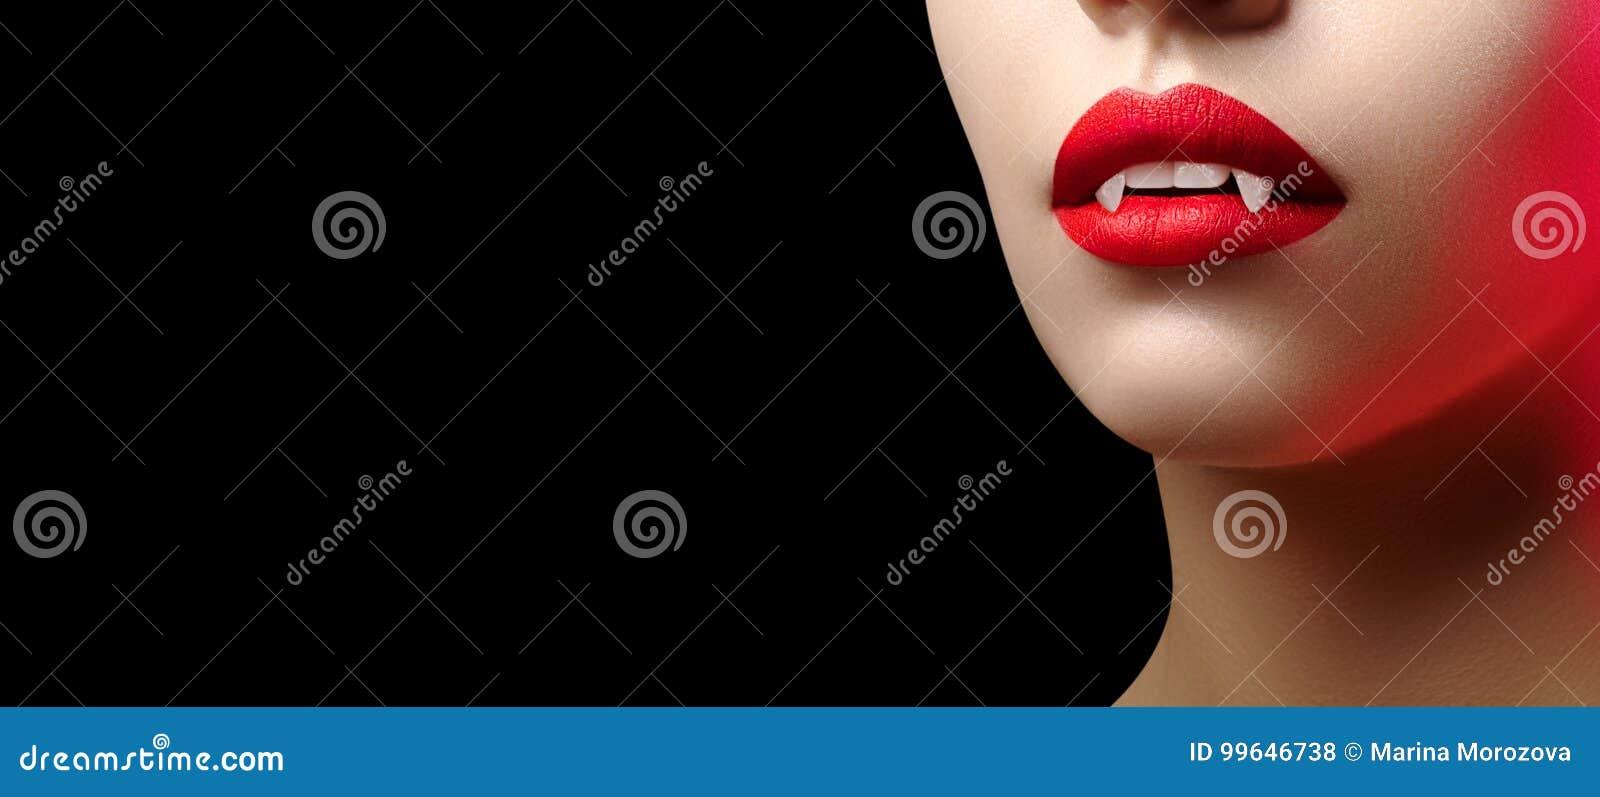 Bordos fêmeas  sexy  do vampiro Fundo de Dia das Bruxas com o bordo vermelho da composição do sangue Olhar do disfarce com fags t